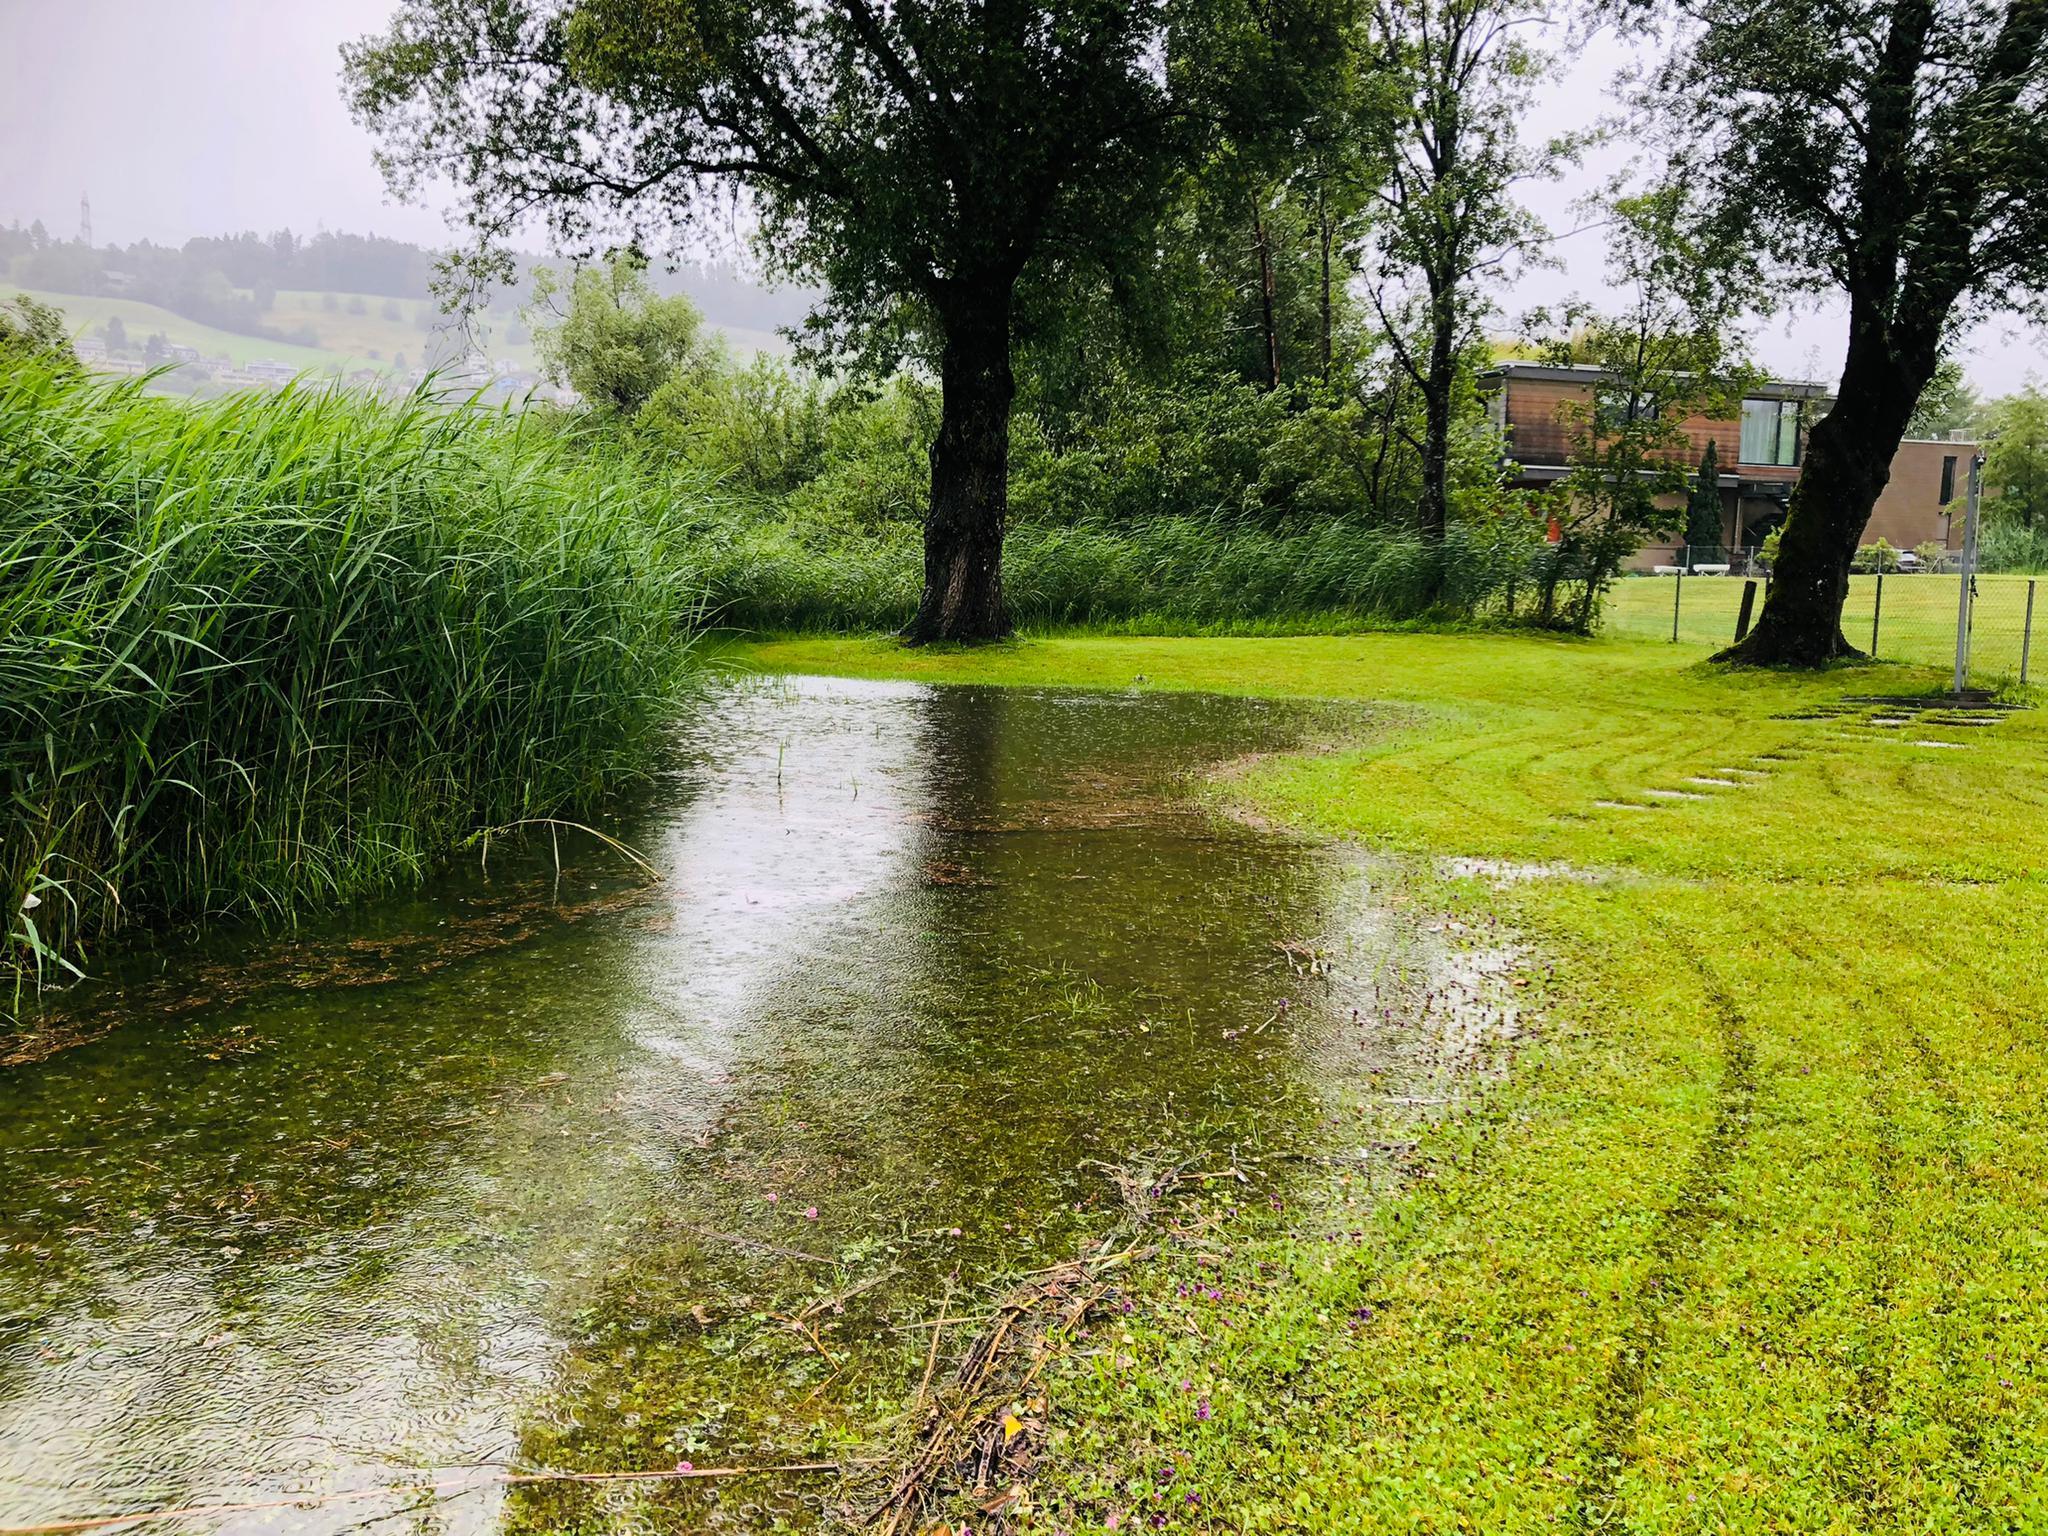 Hochwasser am 13.07.2021 in der Badi Schmerikon (Foto: Fränzi Ruh)